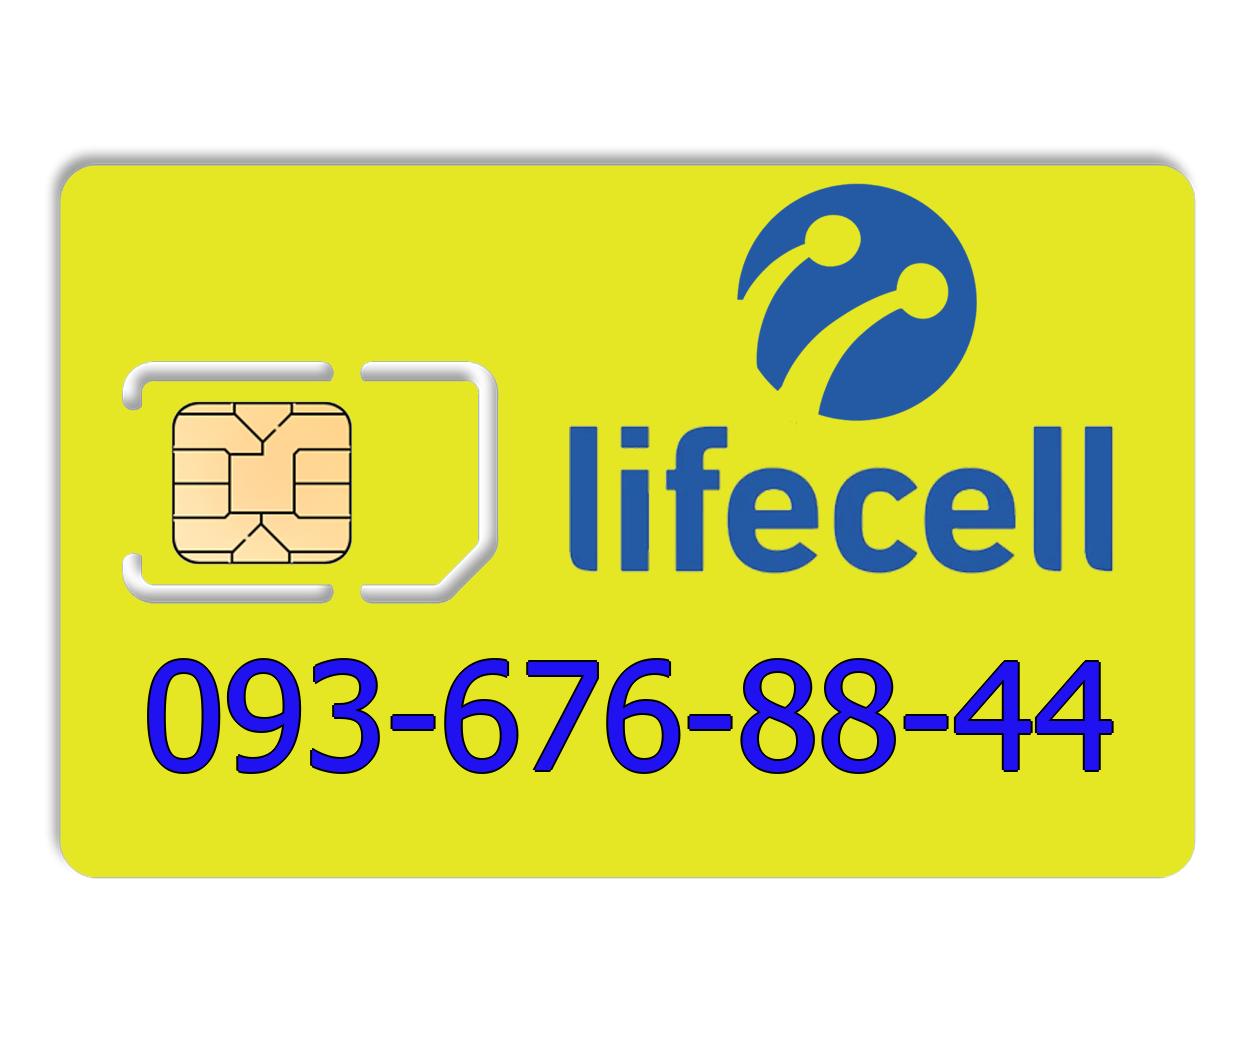 Красивый номер lifecell 093-676-88-44